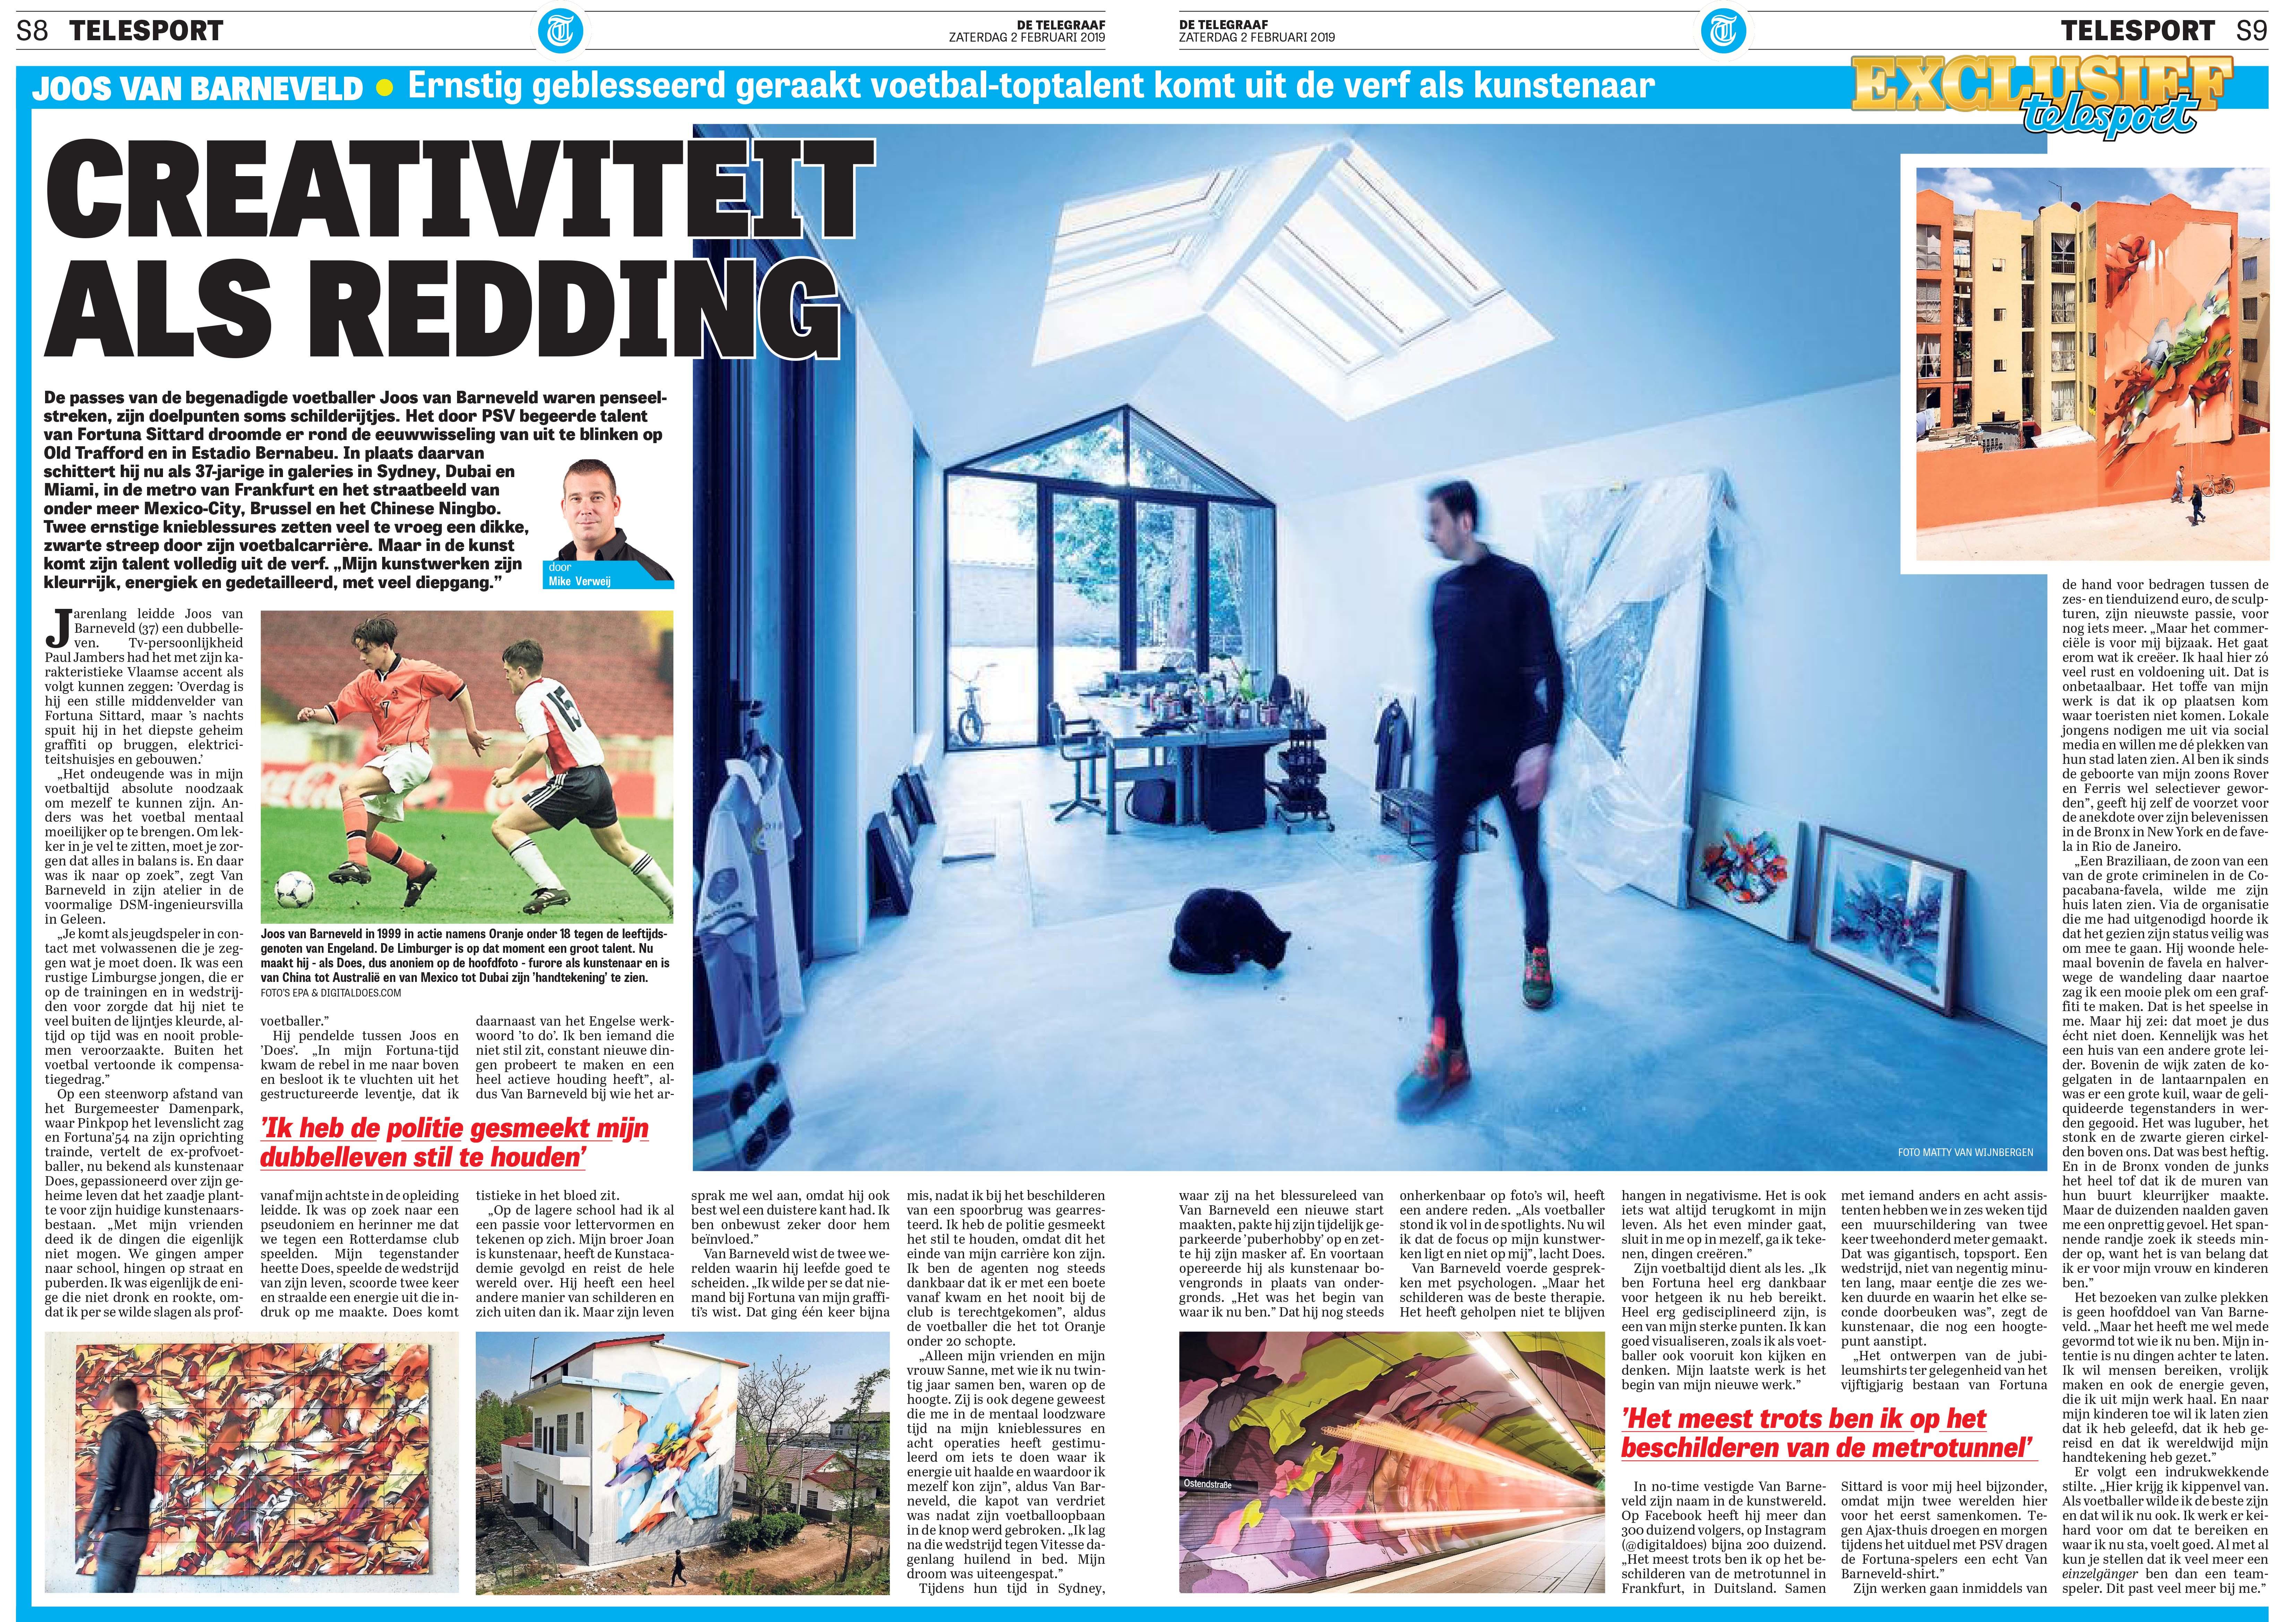 A work by Does - Telegraaf#TG#02-02-2019#NL#1#Sport.8#2#cci